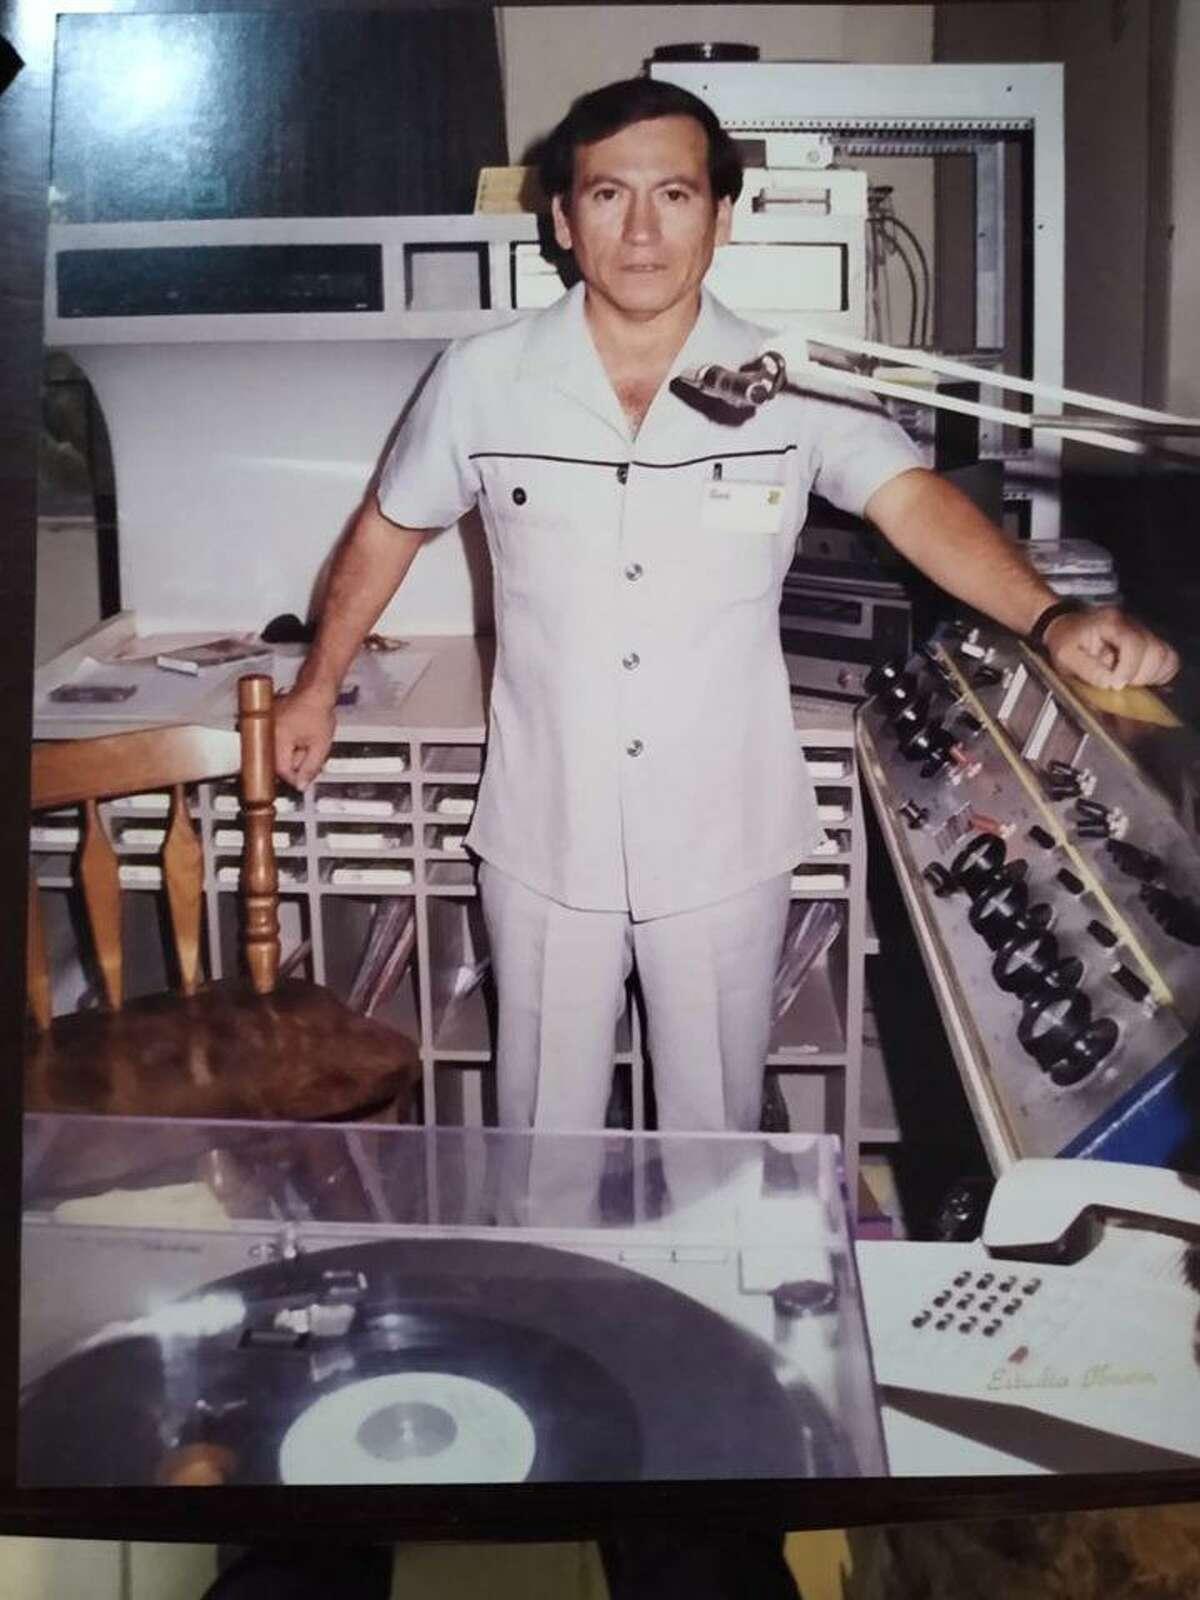 Roberto Gálvez Martínez aparece en la cabina de Stereo 91, radiodifusora para la que laboró por más de 40 años.